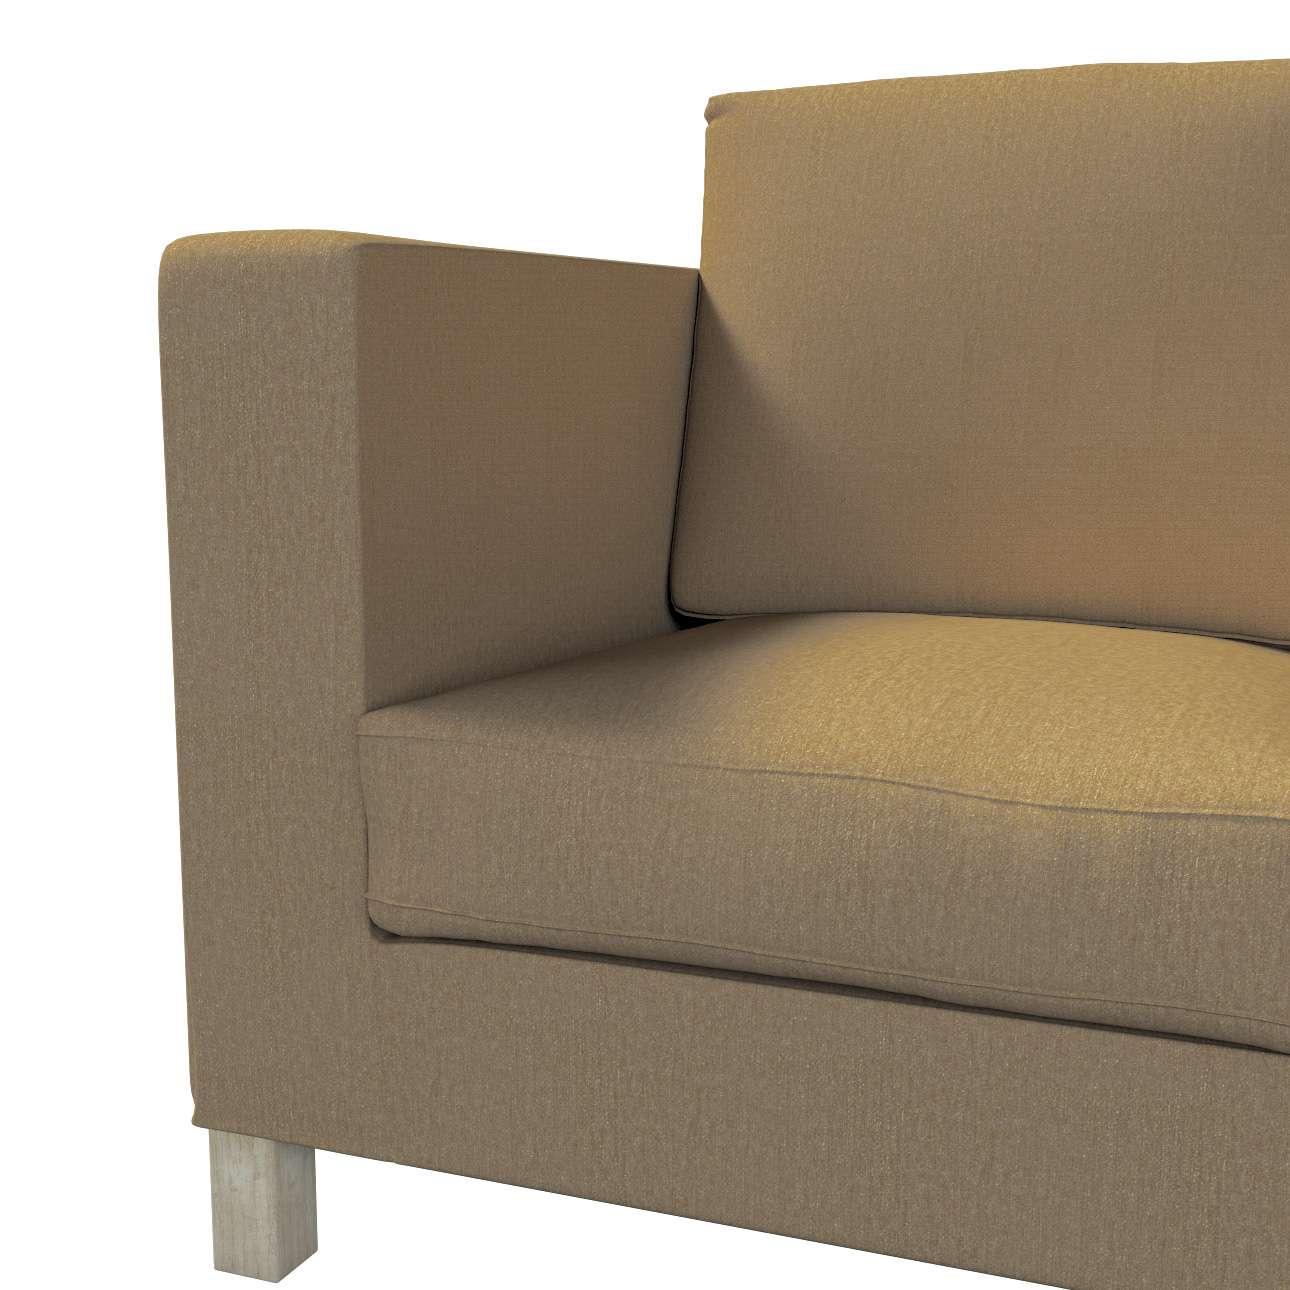 KARLANDA trivietės sofos užvalkalas kolekcijoje Chenille, audinys: 702-21